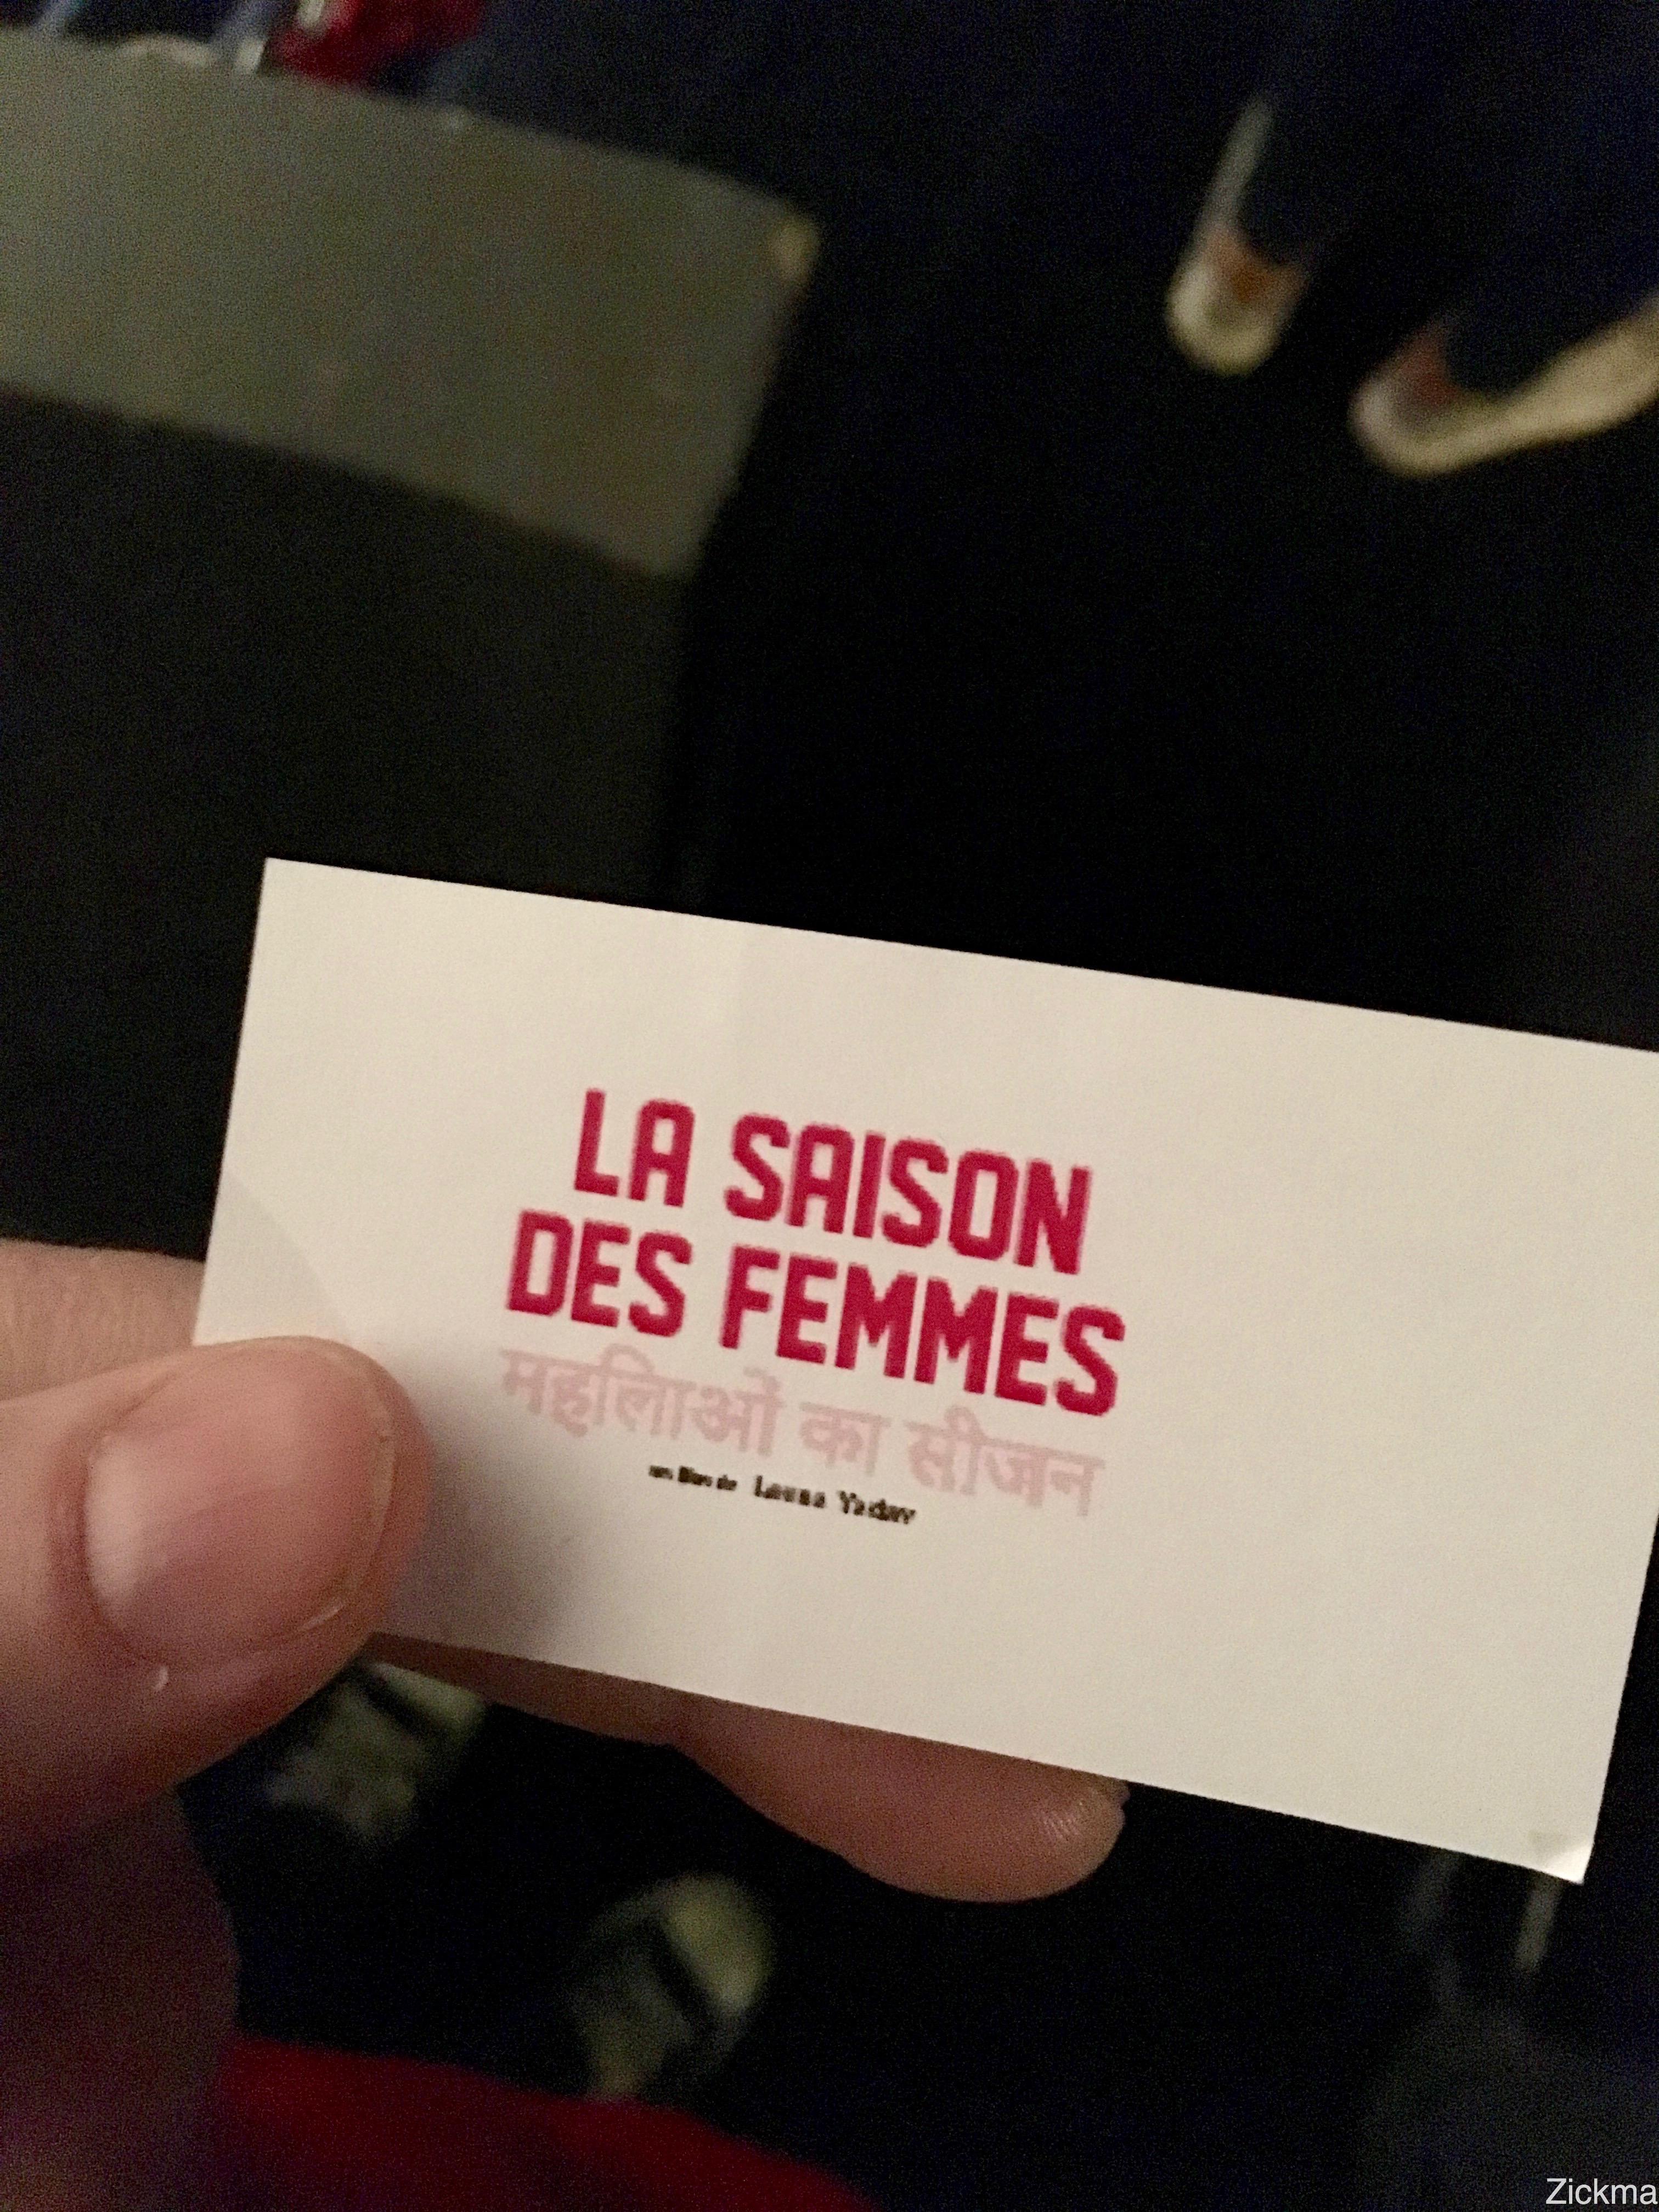 La saison des femmes avp2